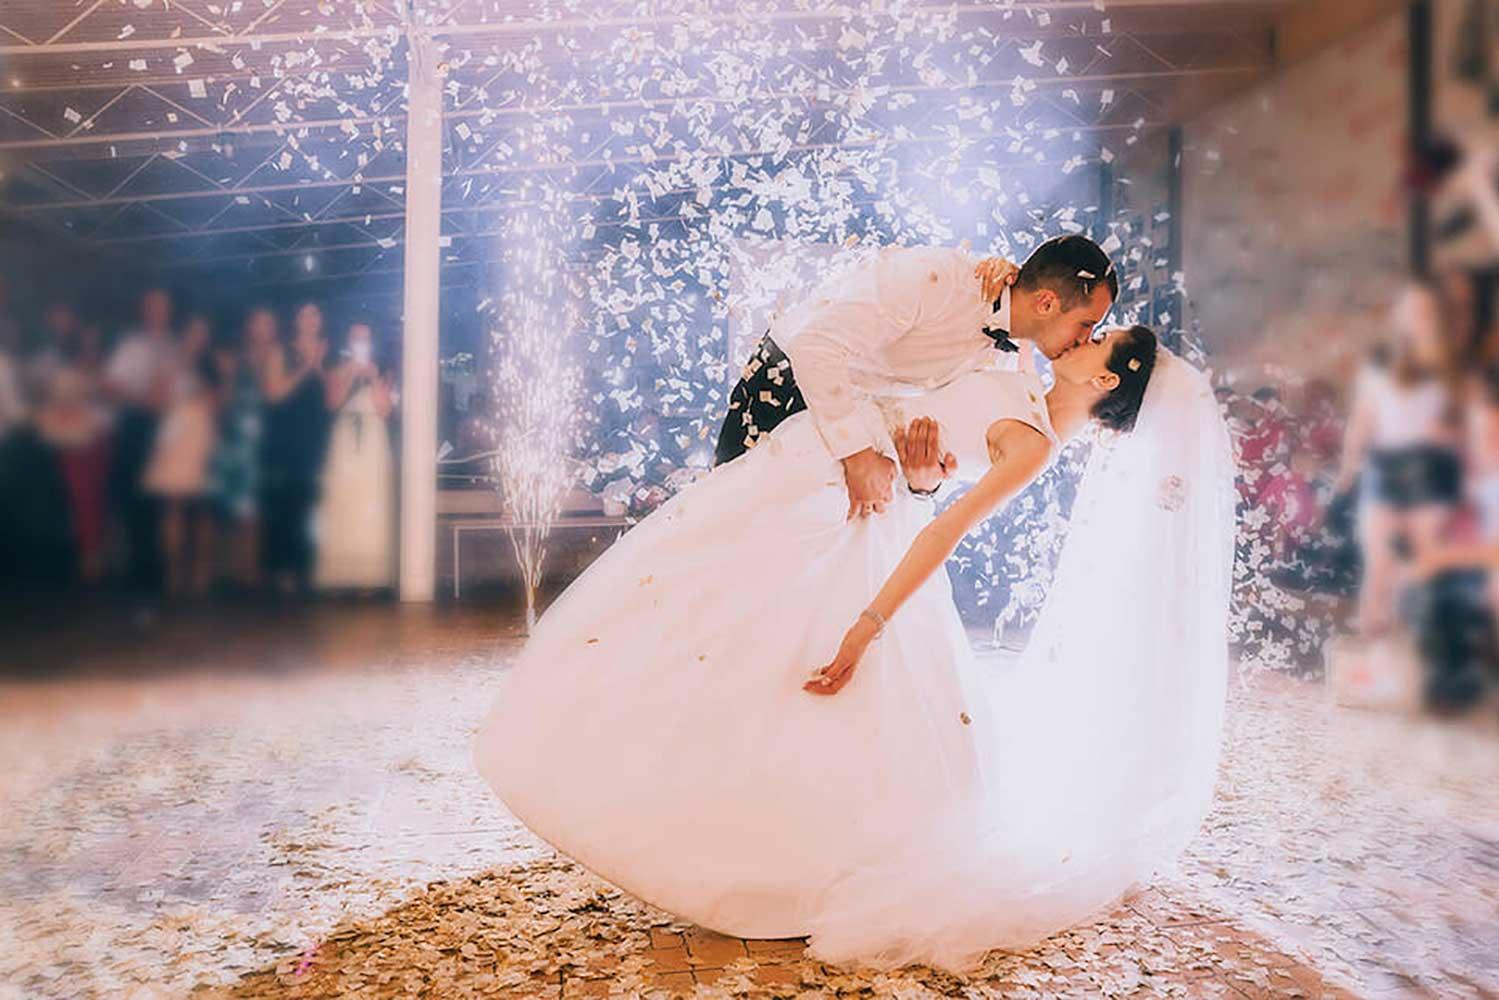 cours de danse mariage à Bruxelles